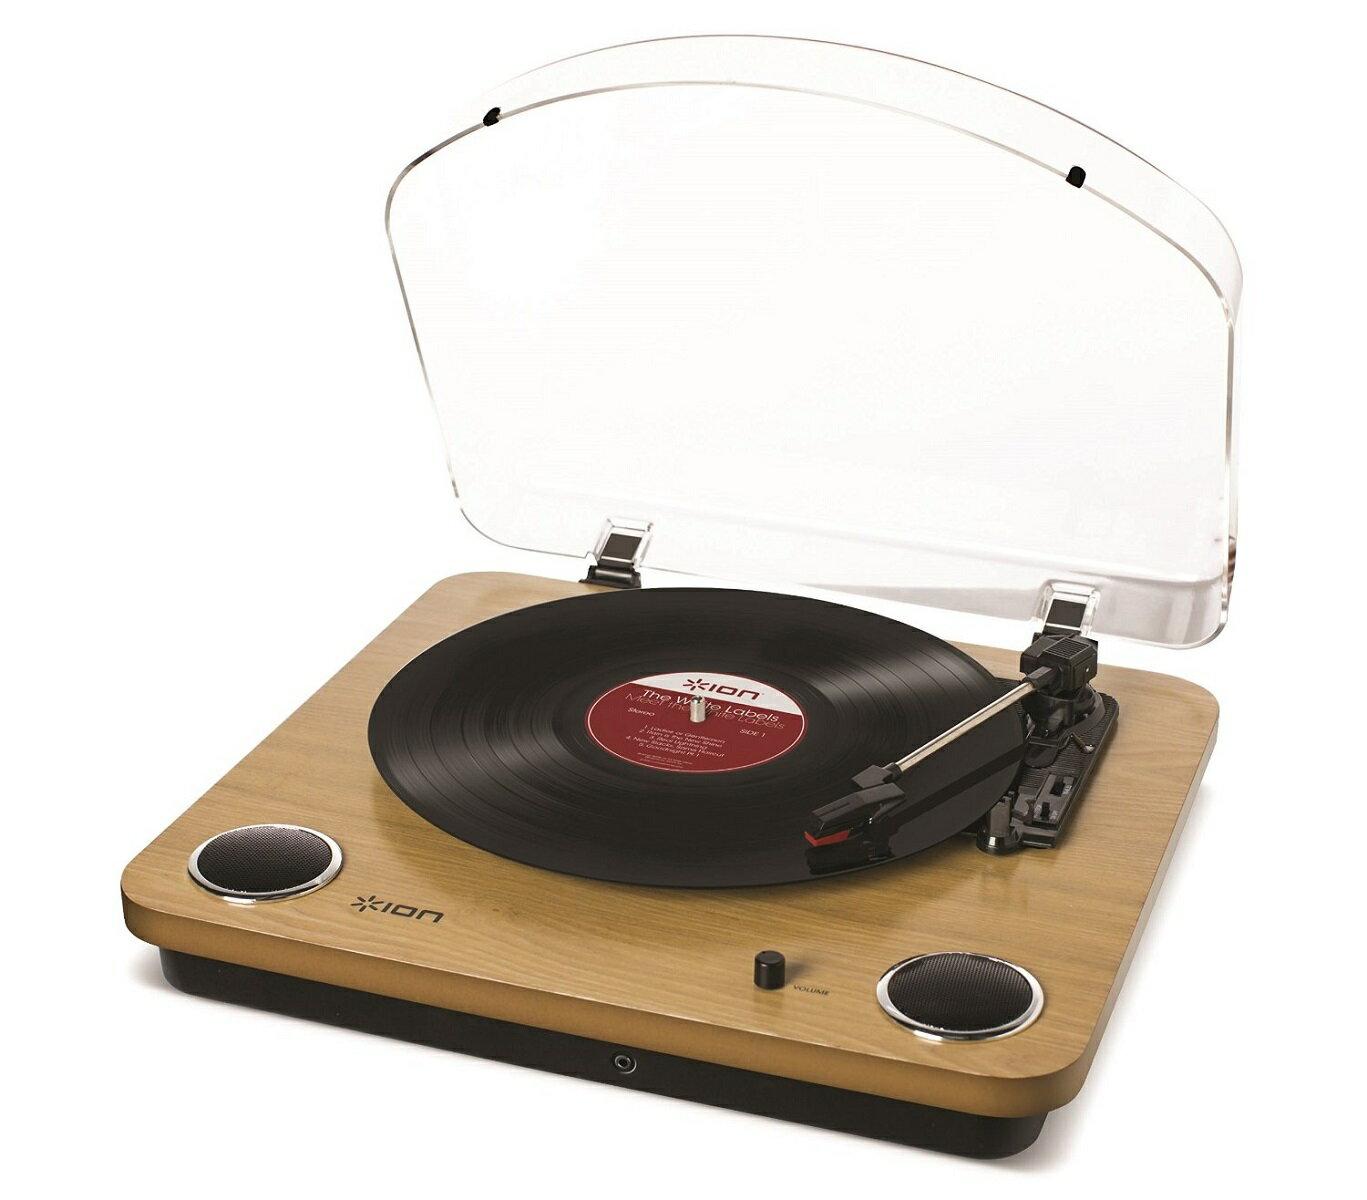 【公式 / 送料無料】ION Audio レコードプレーヤー USB・ヘッドフォン端子付き スピーカー内蔵 天然木 Max LP